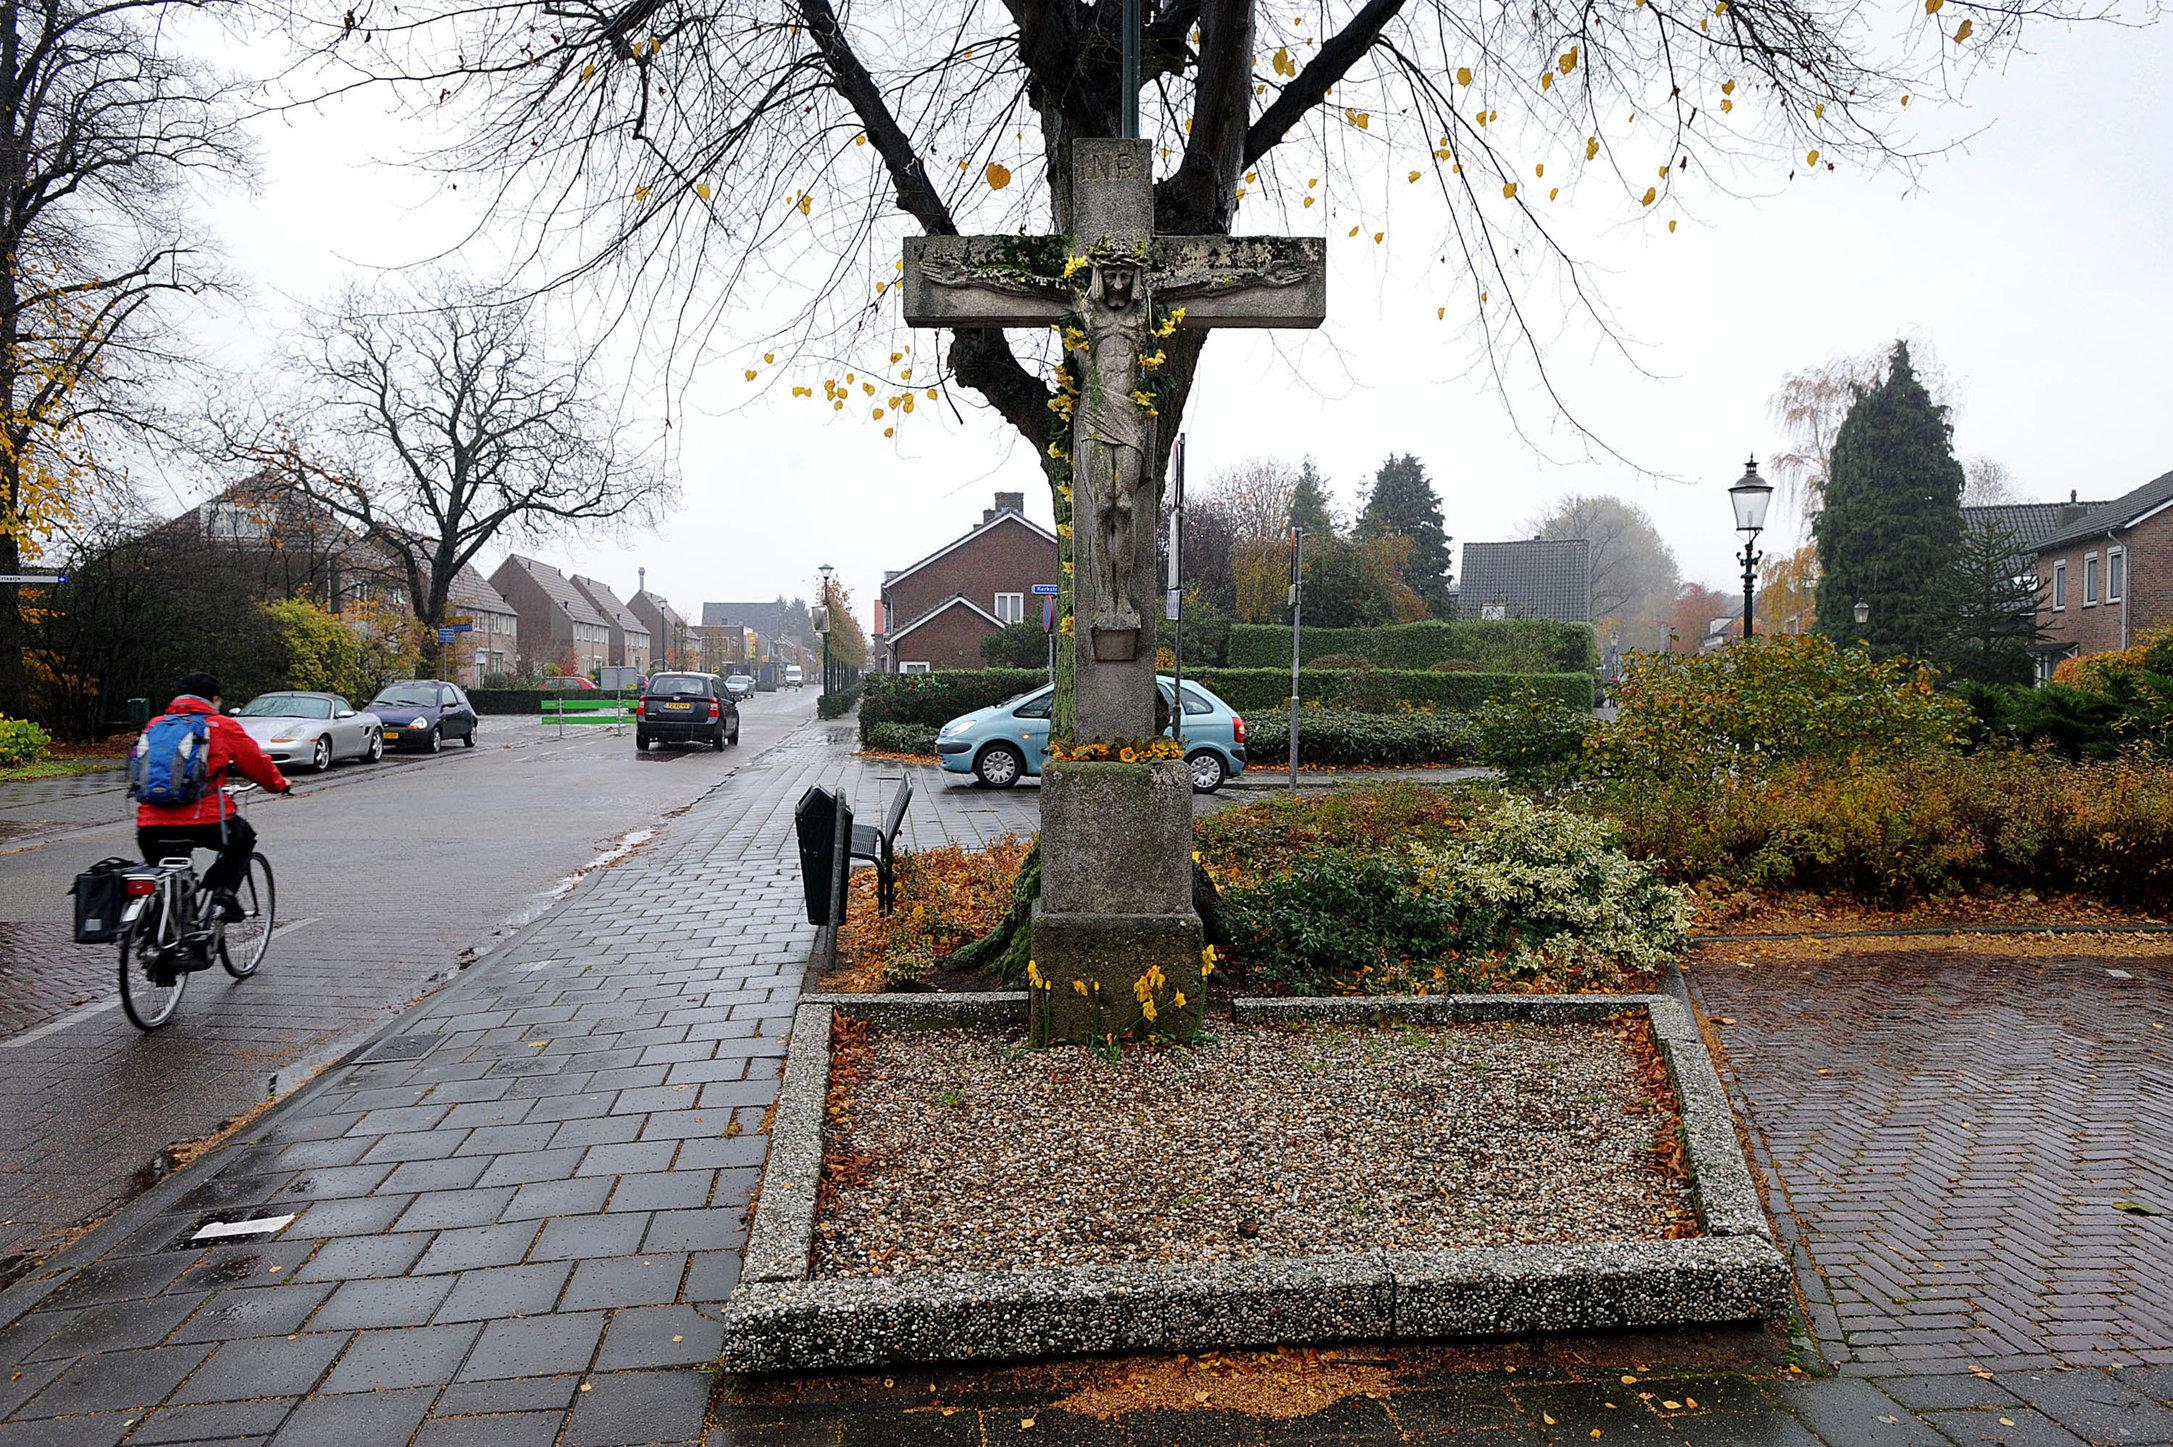 Heuvelstraat, Dongen